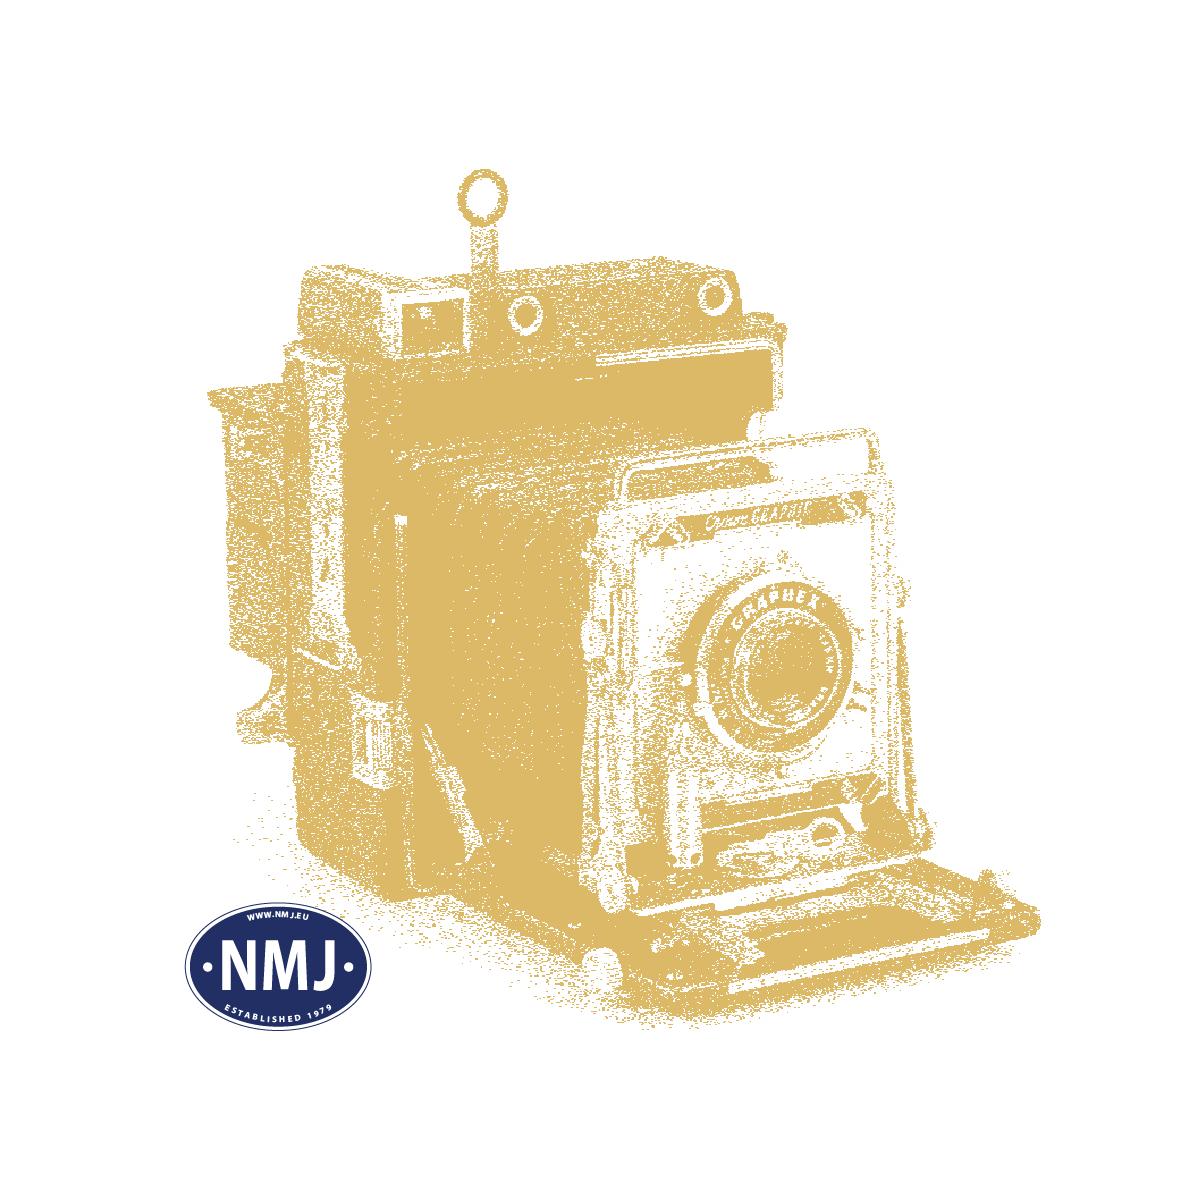 BRA3056 - Bananplugger, 2,5 mm, 10 Stk, Oransje, Hann